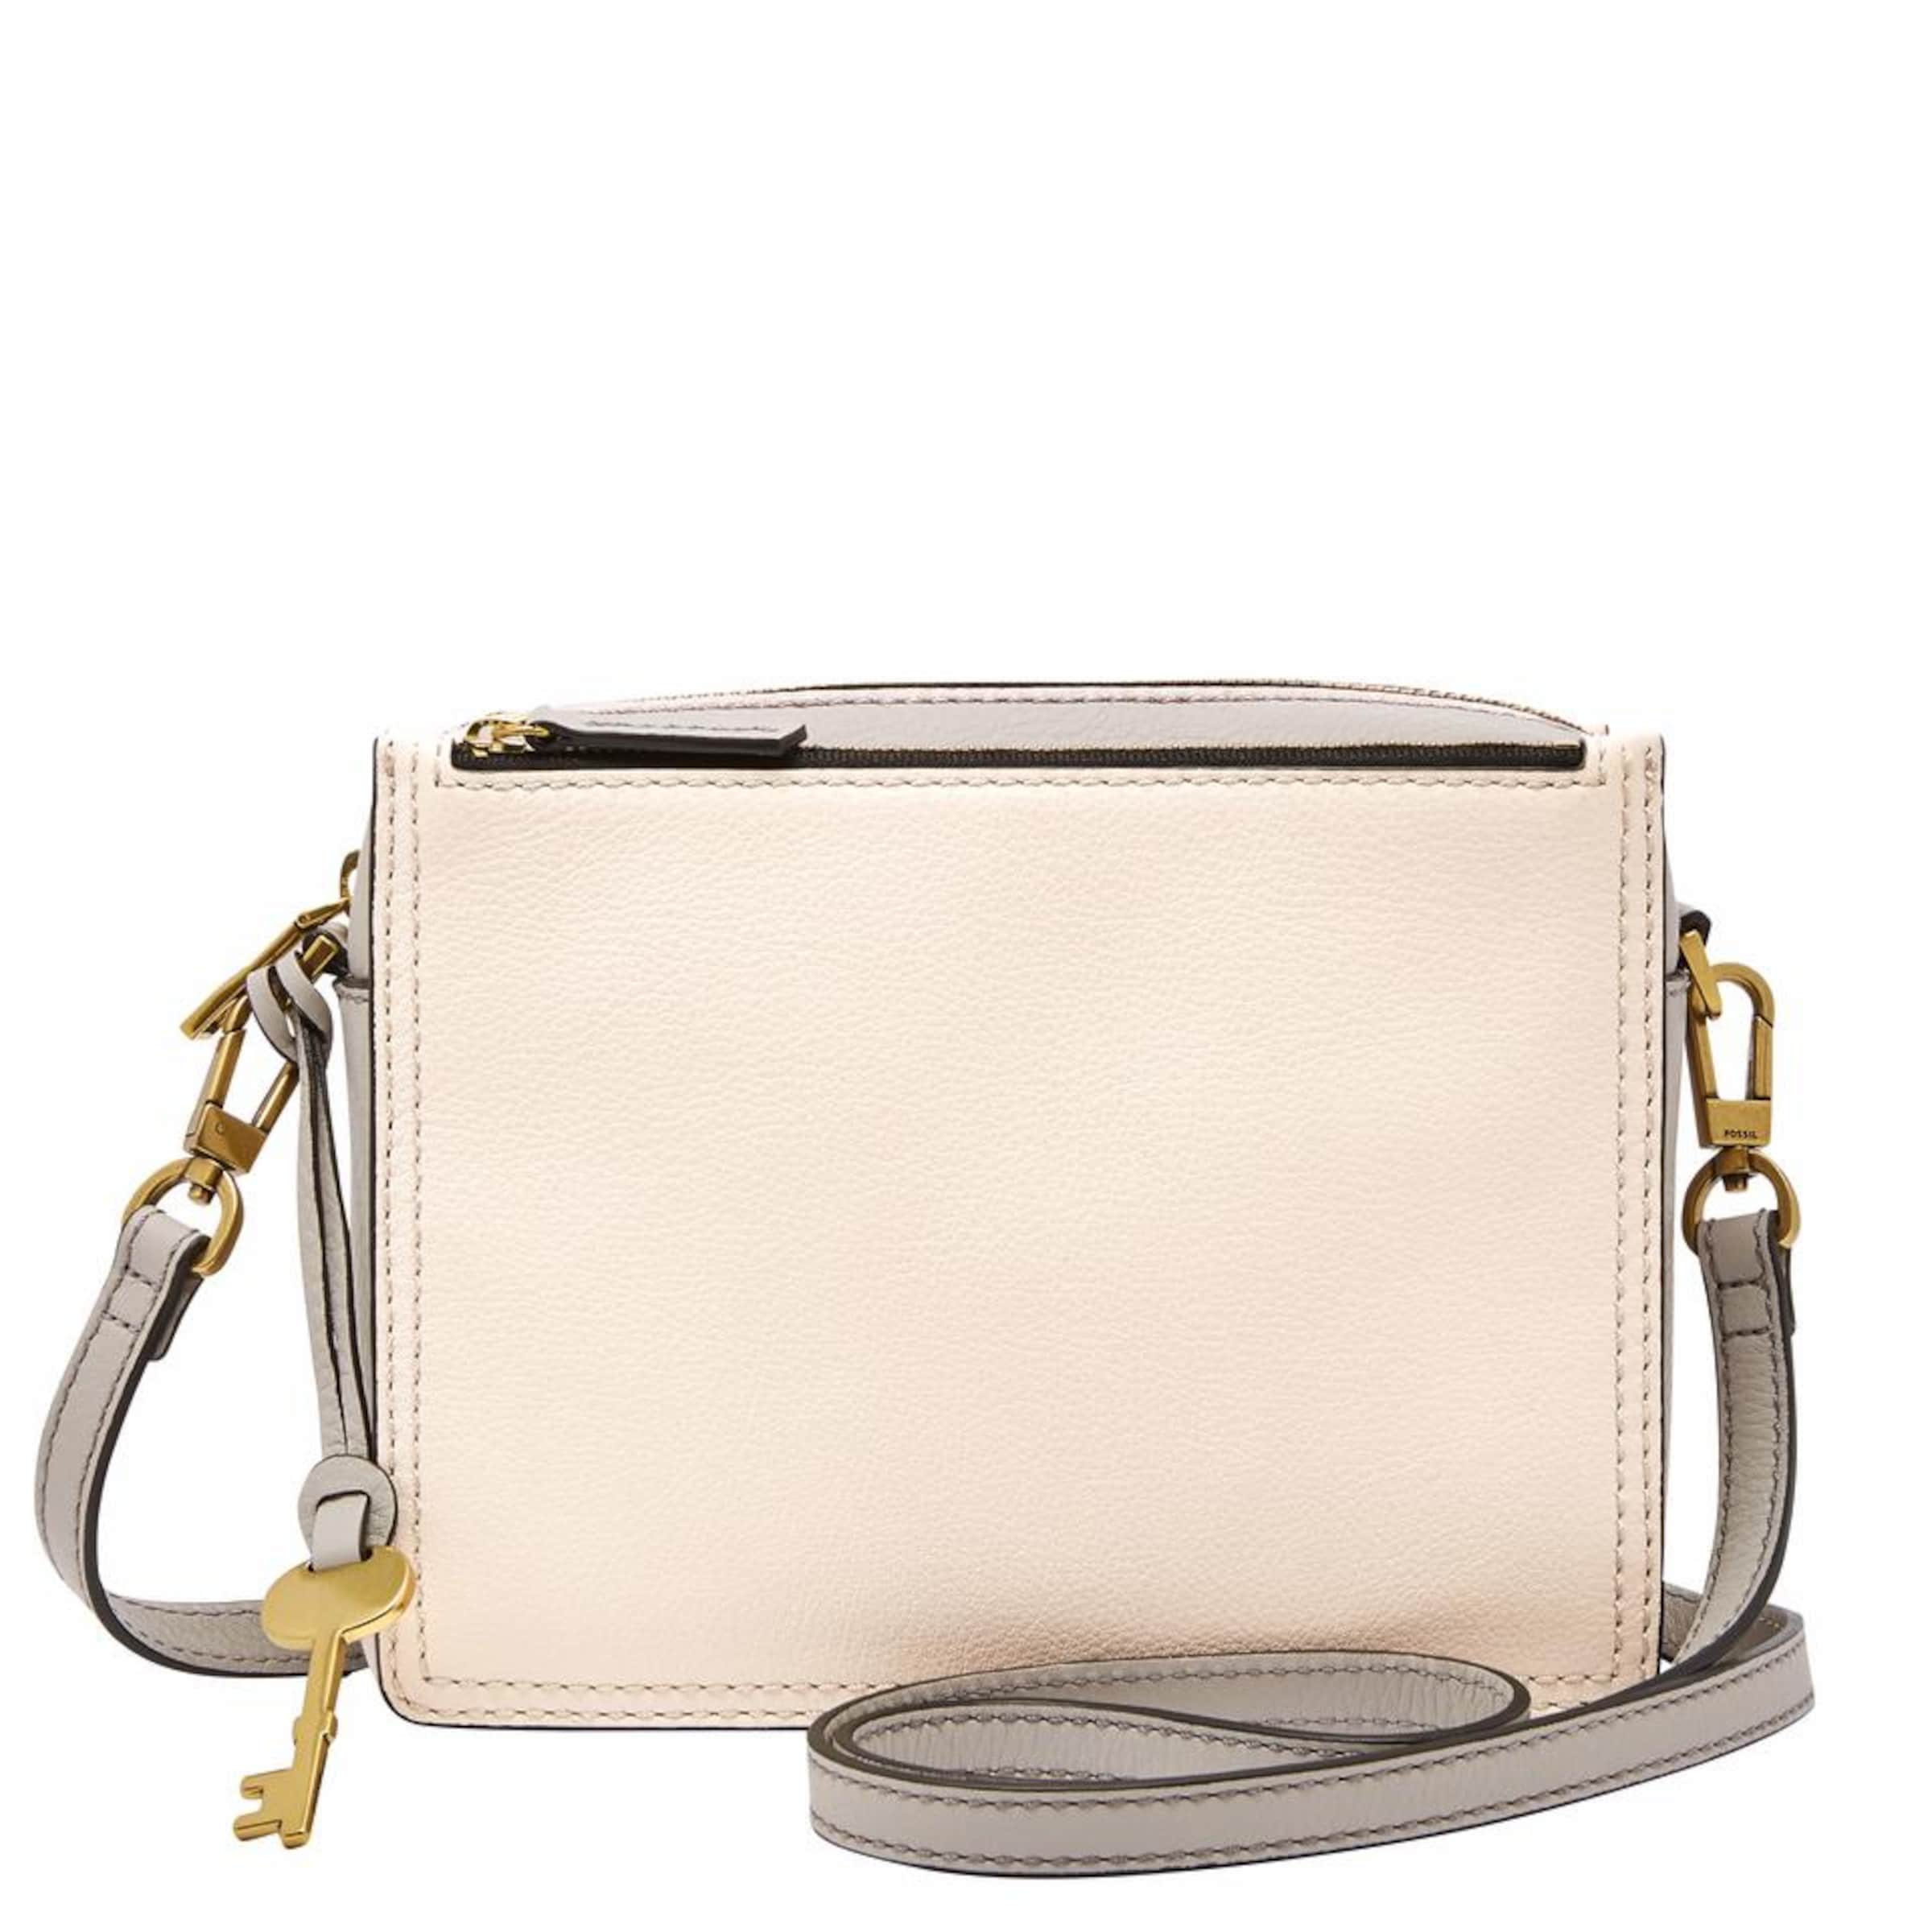 Mode-Stil Zu Verkaufen FOSSIL Umhängetasche 'CAMPBELL CROSSBODY' Preise Für Verkauf Schnelle Lieferung Günstig Online Günstige Online epW1I